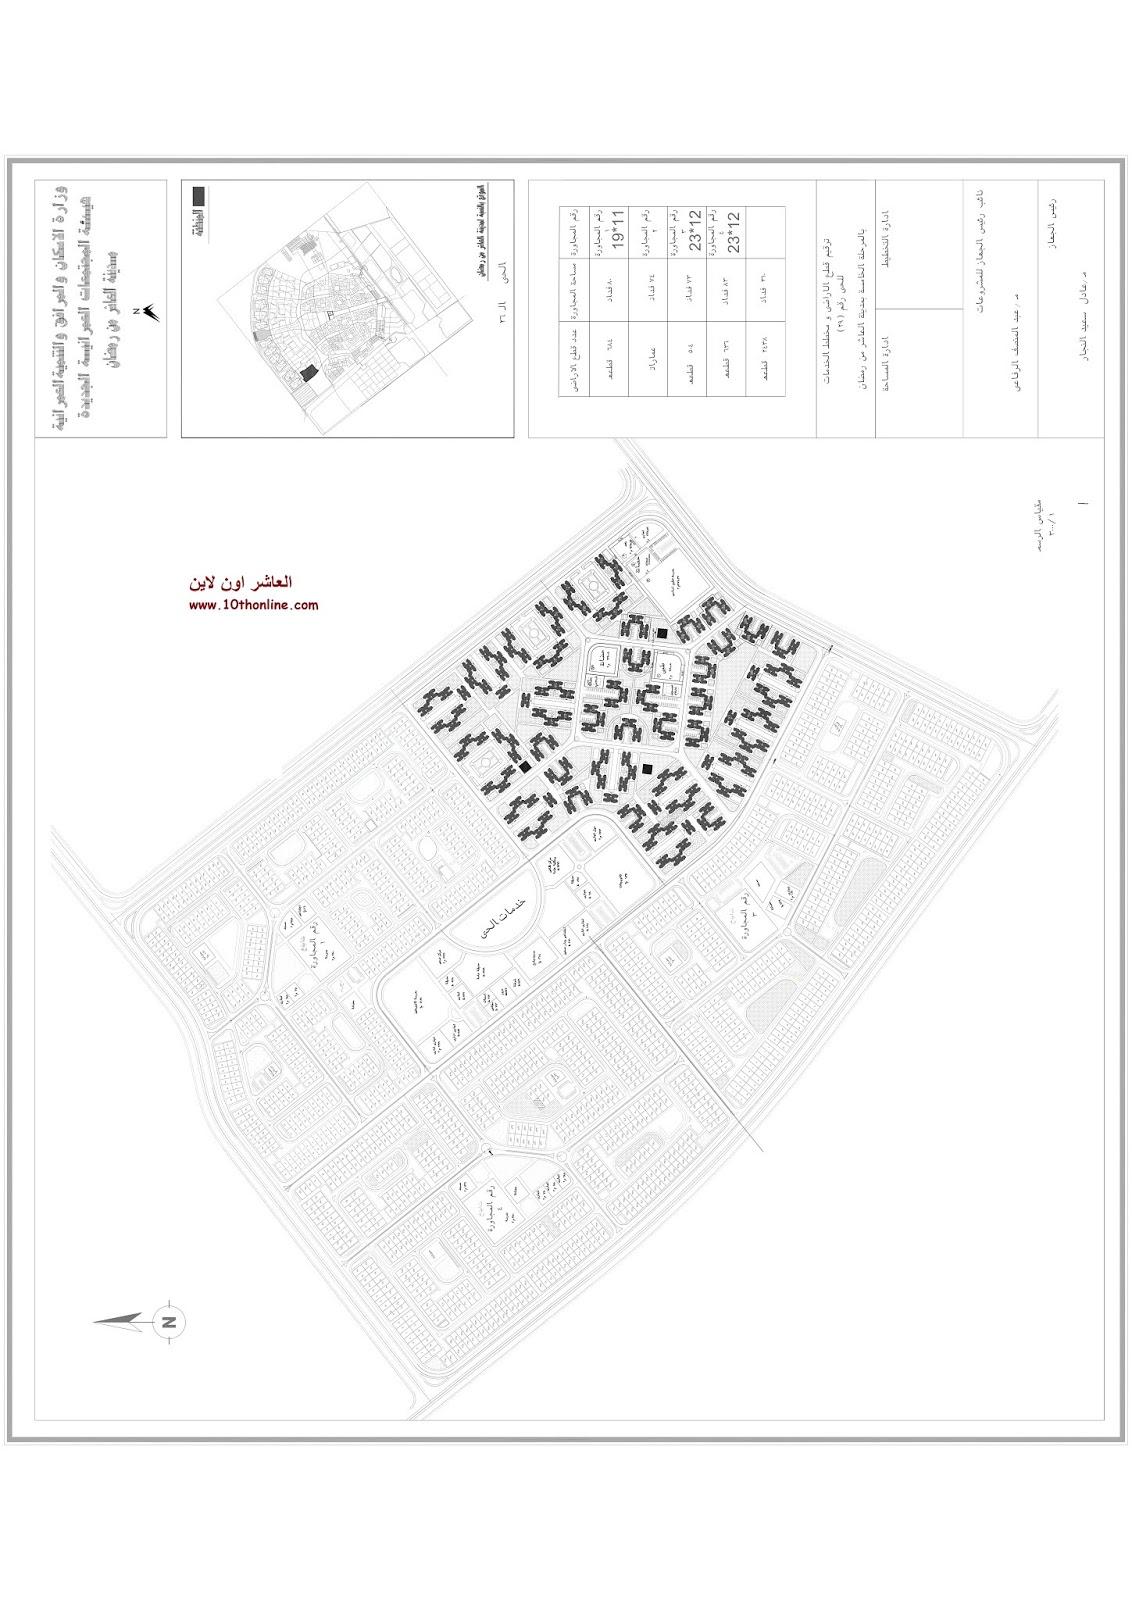 خريطة الحى 29 بالعاشر من رمضان العاشر اون لاين